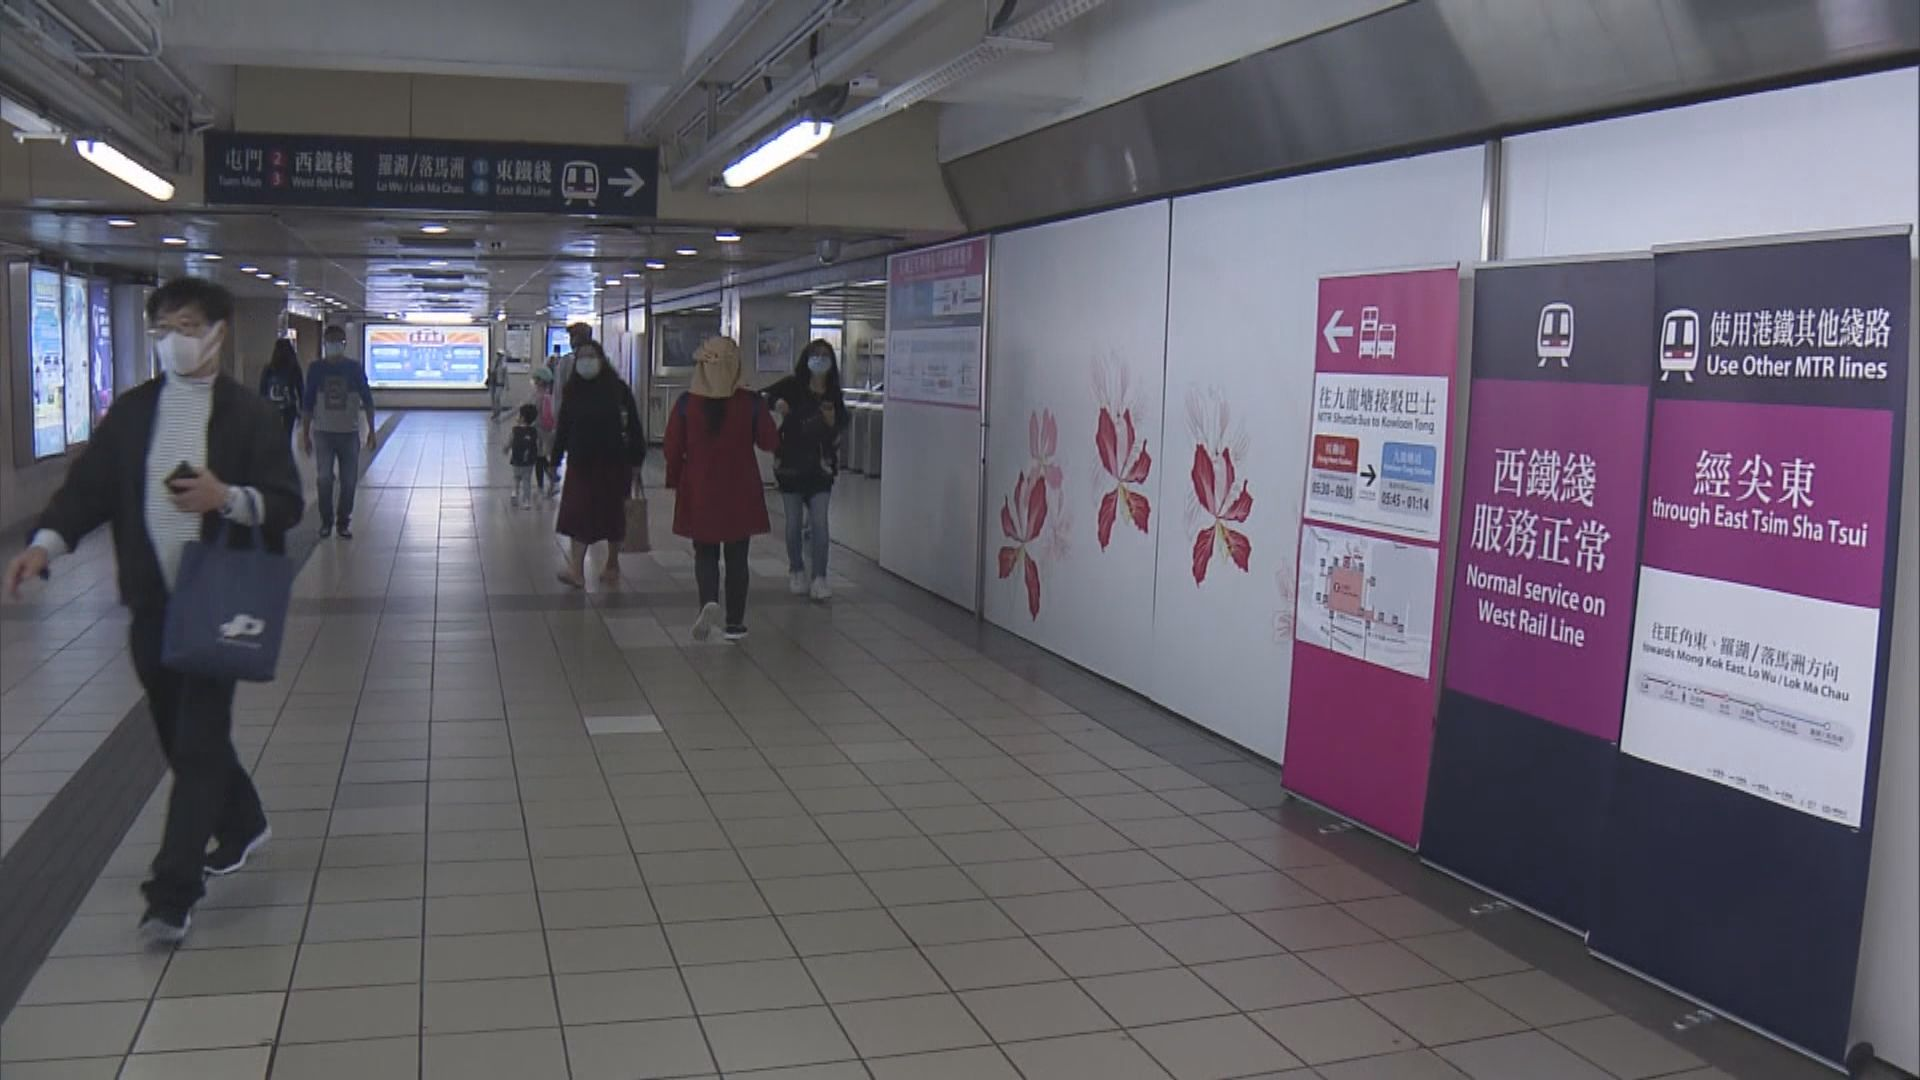 東鐵綫旺角東至紅磡服務今日暫停